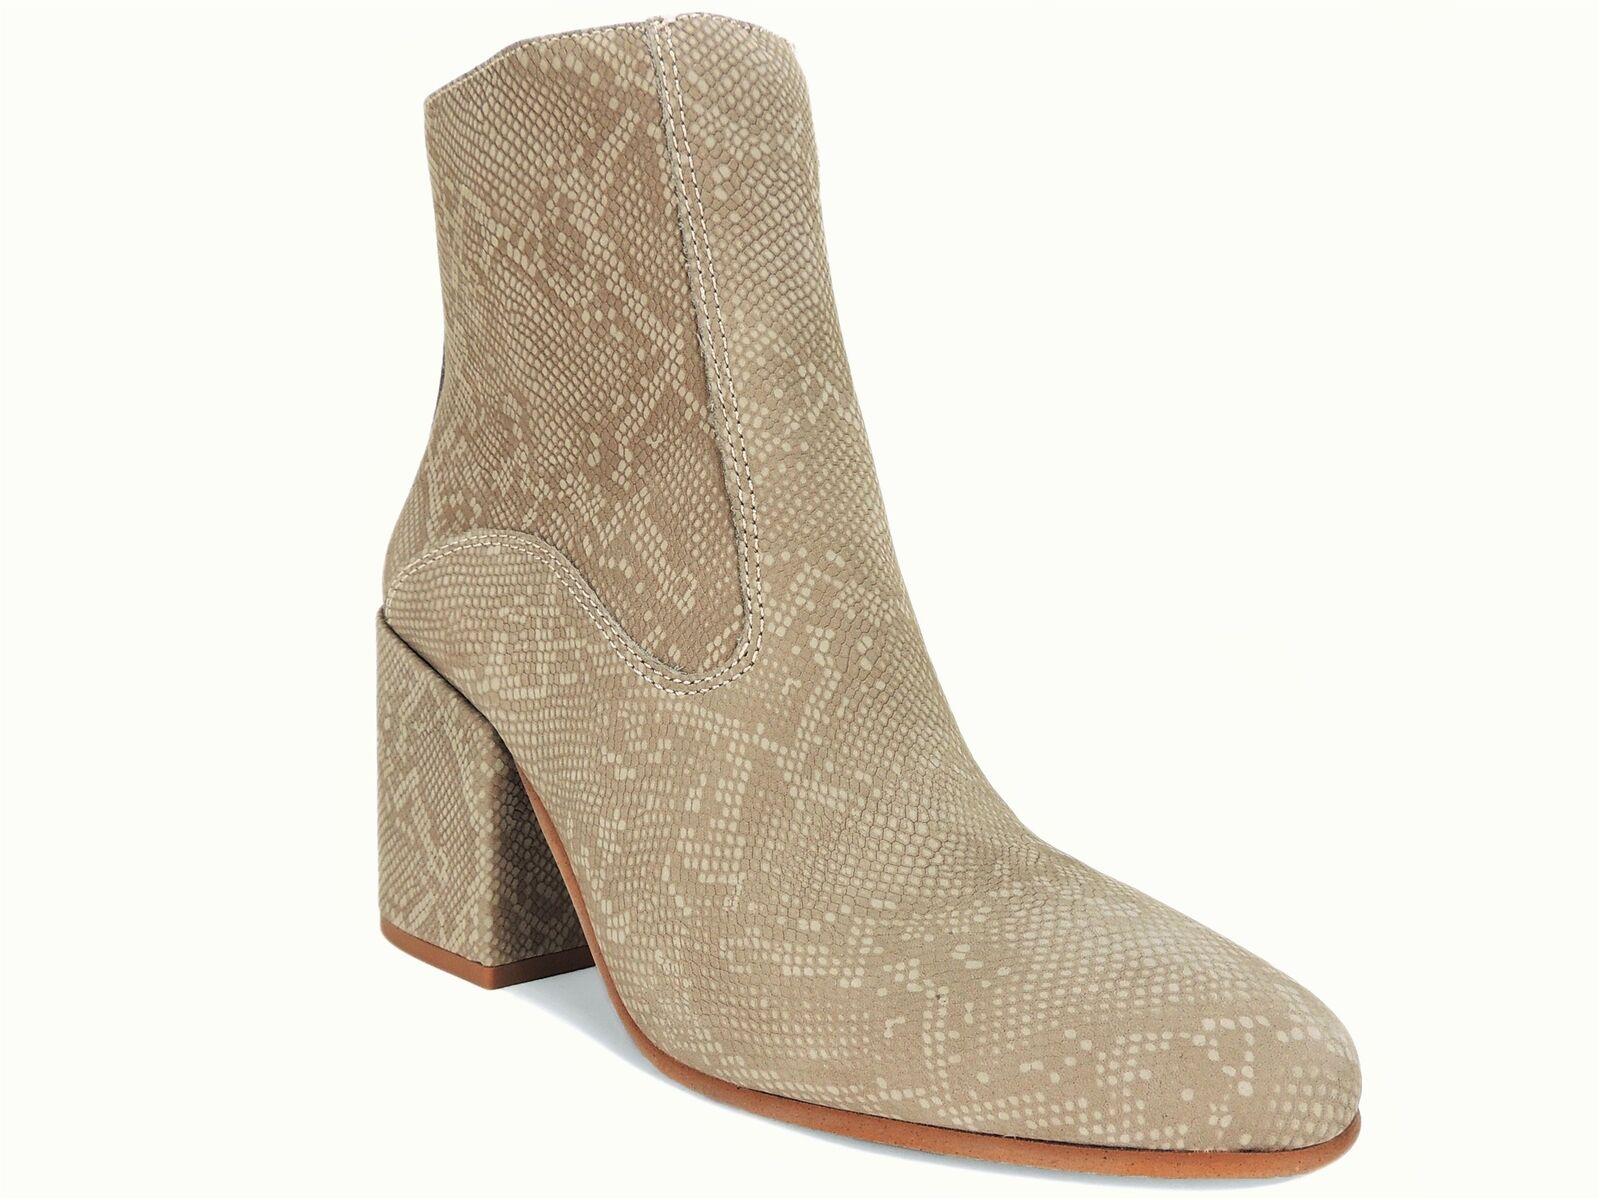 100% nuovo di zecca con qualità originale Lucky Brand Donna  Rainns Rainns Rainns stivali Feather grigio Rimmi Dimensione 9.5 M  tutti i prodotti ottengono fino al 34% di sconto